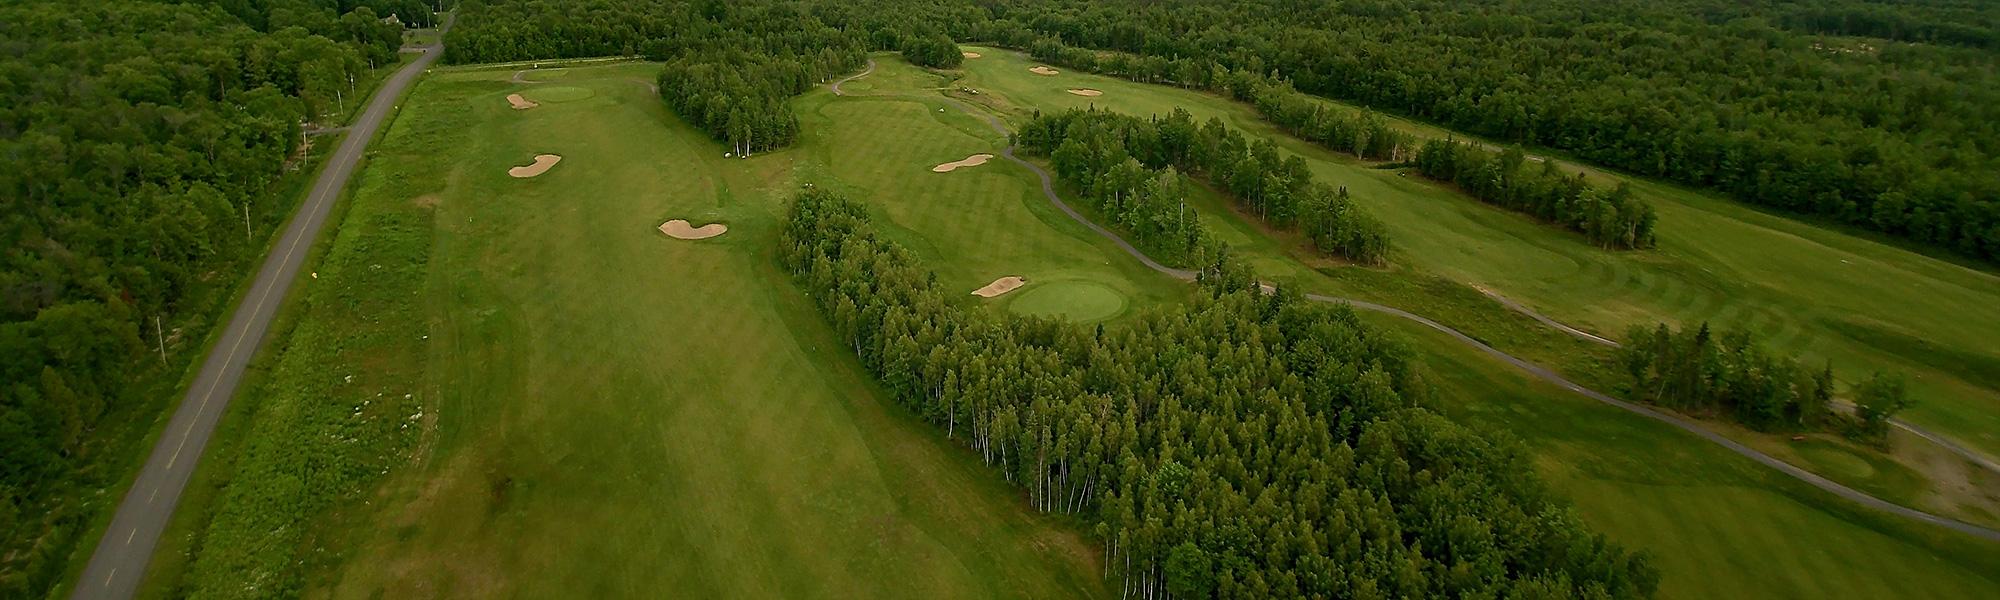 Club de Golf Les Boisés de Joly - Image 4